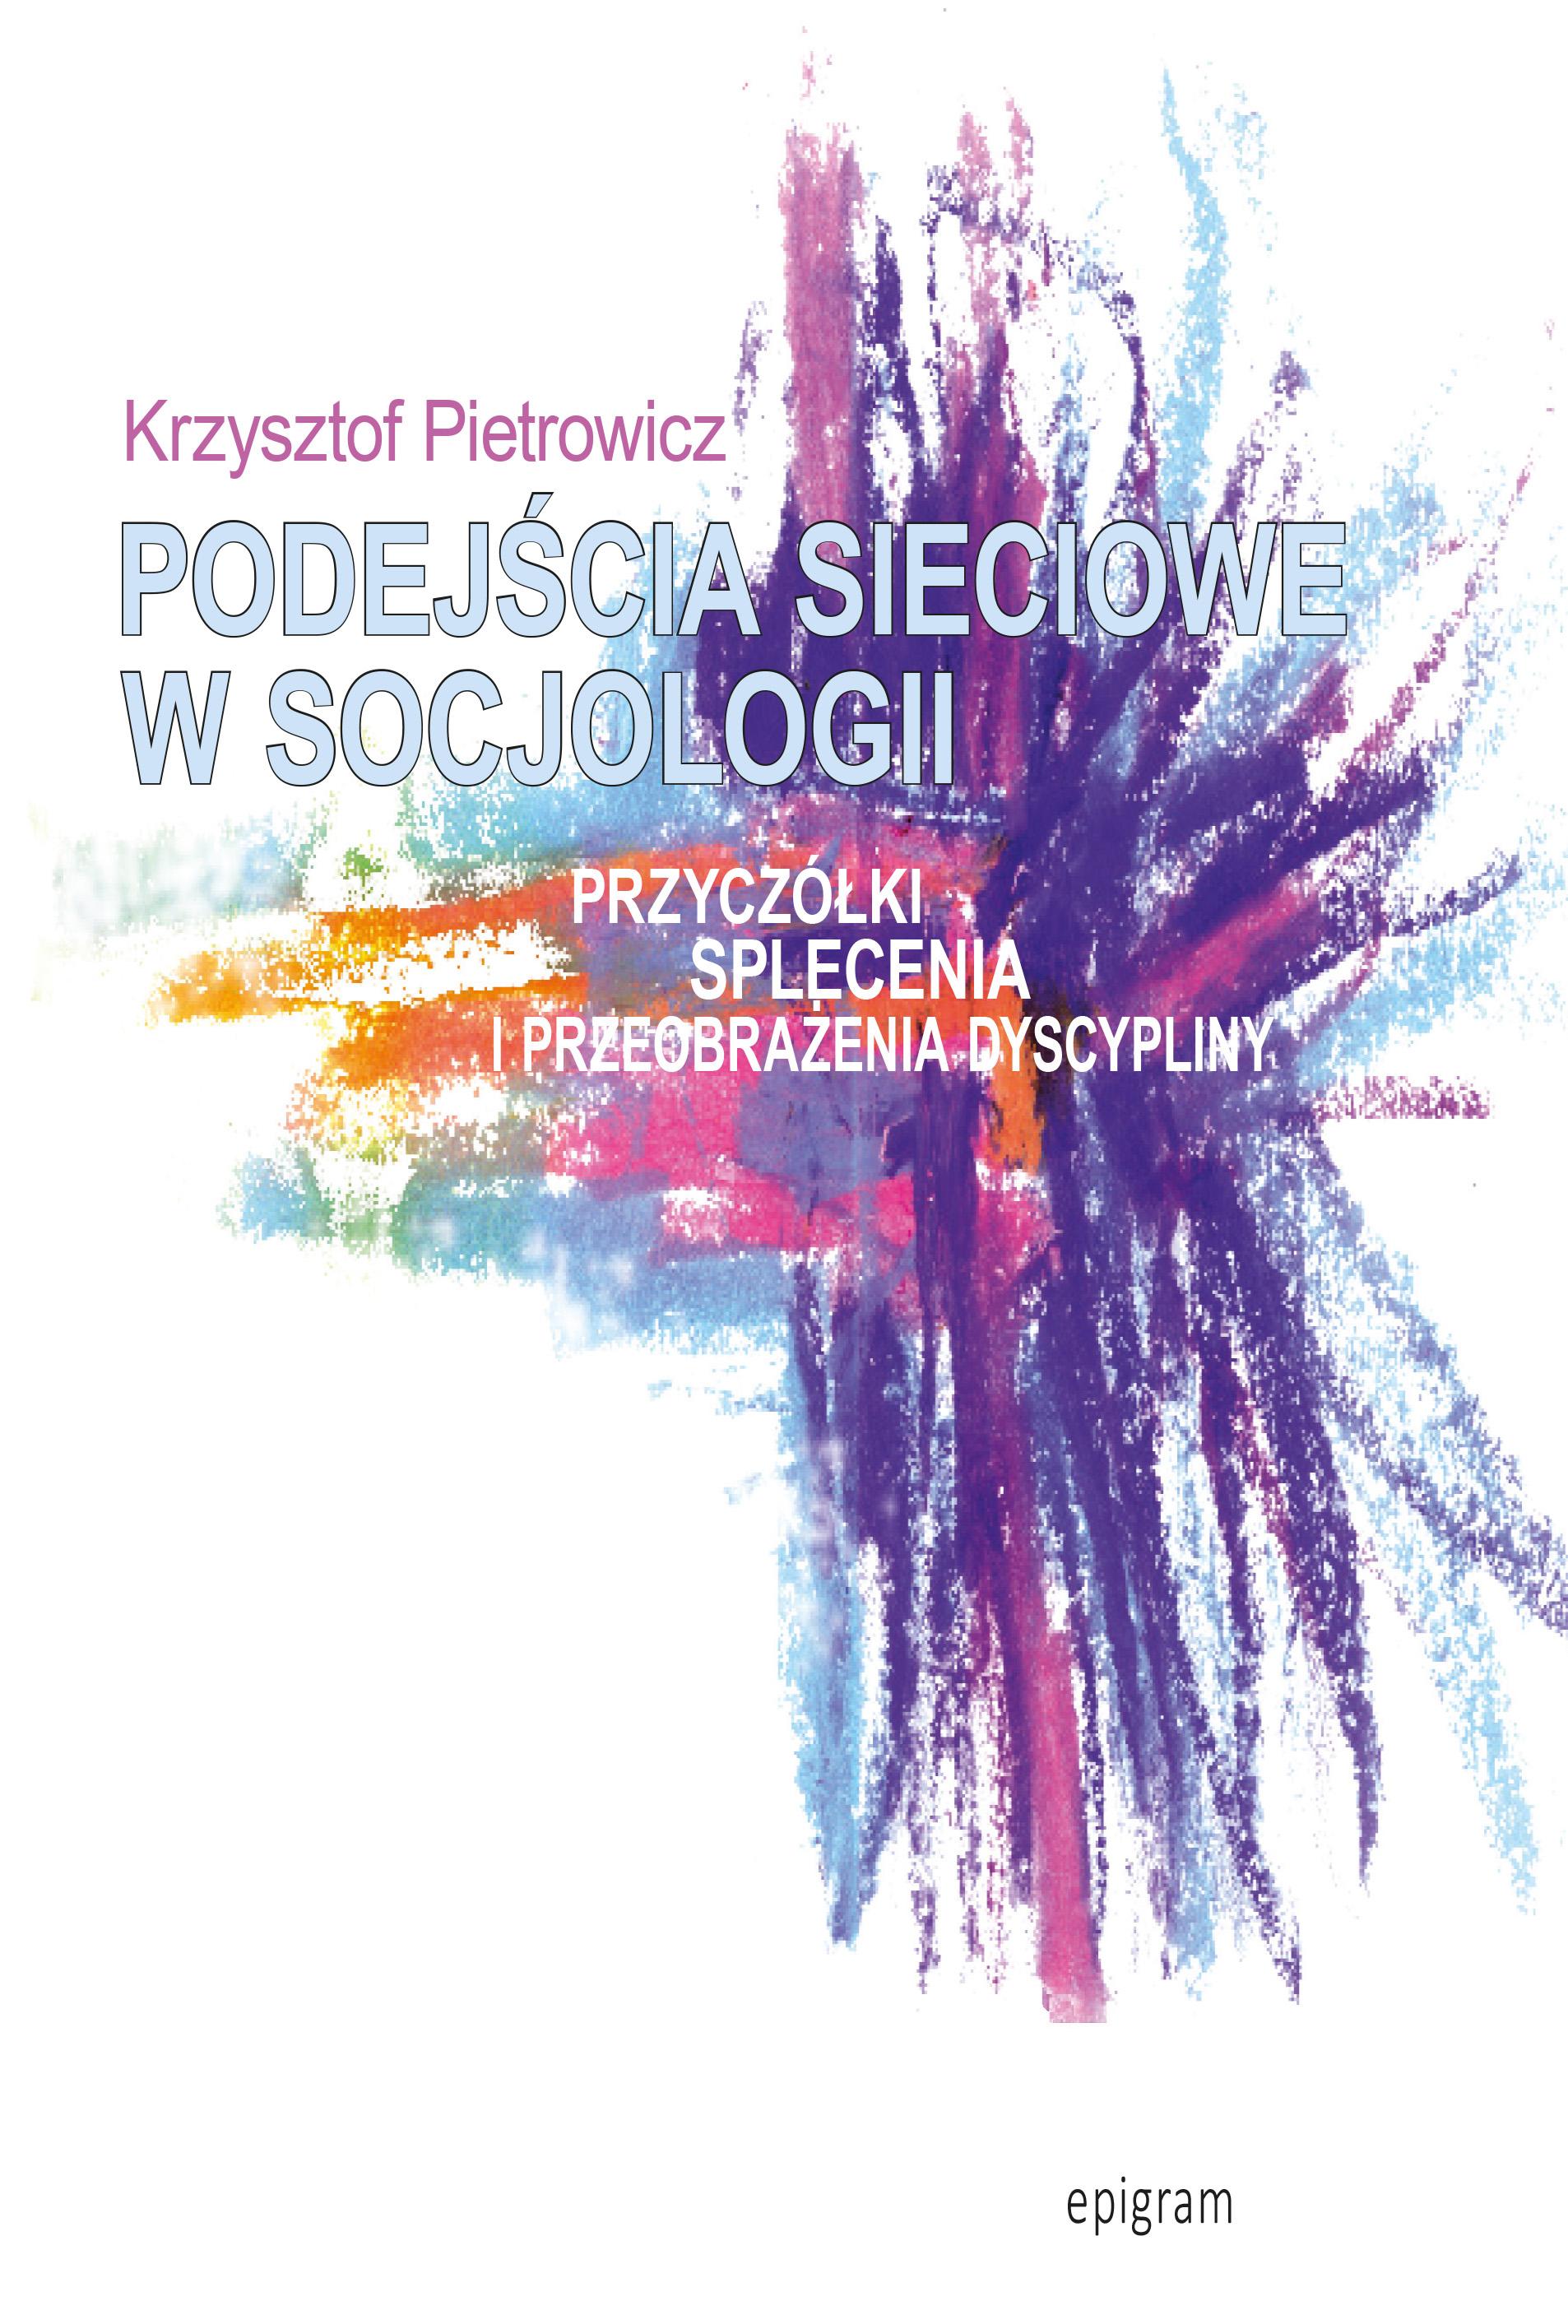 Podejścia sieciowe w socjologii. Przyczółki, splecenia i przeobrażenia dyscypliny okładka